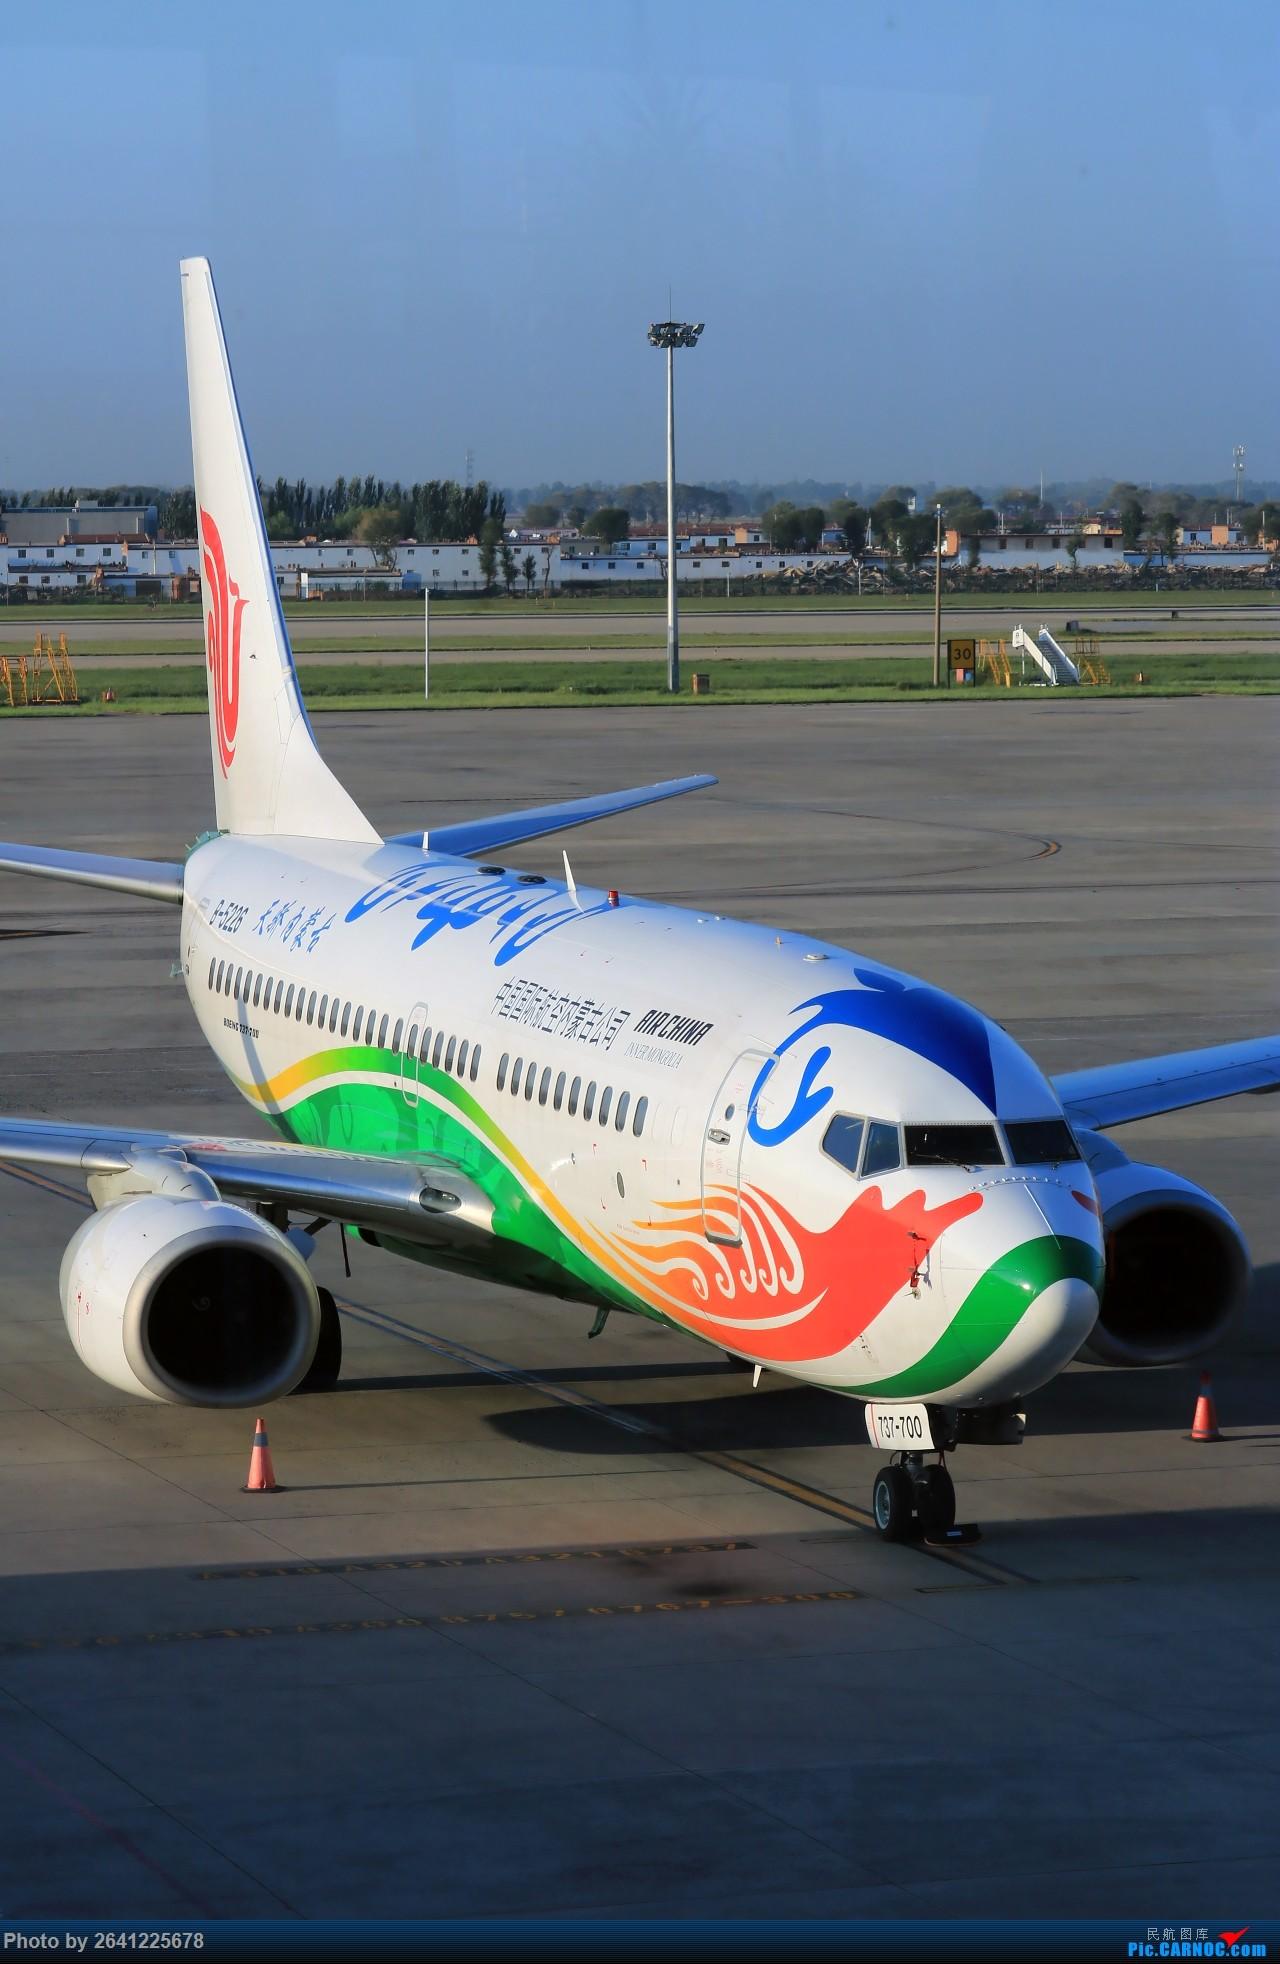 Re:[原创]【小周游记第3集】草原茫茫天地间,洁白的蒙古包散落在河边——内蒙古5天4飞半自由行(宽体与支线客机初体验)有flight log和驾驶舱哦 BOEING 737-700 B-5226 中国呼和浩特白塔国际机场